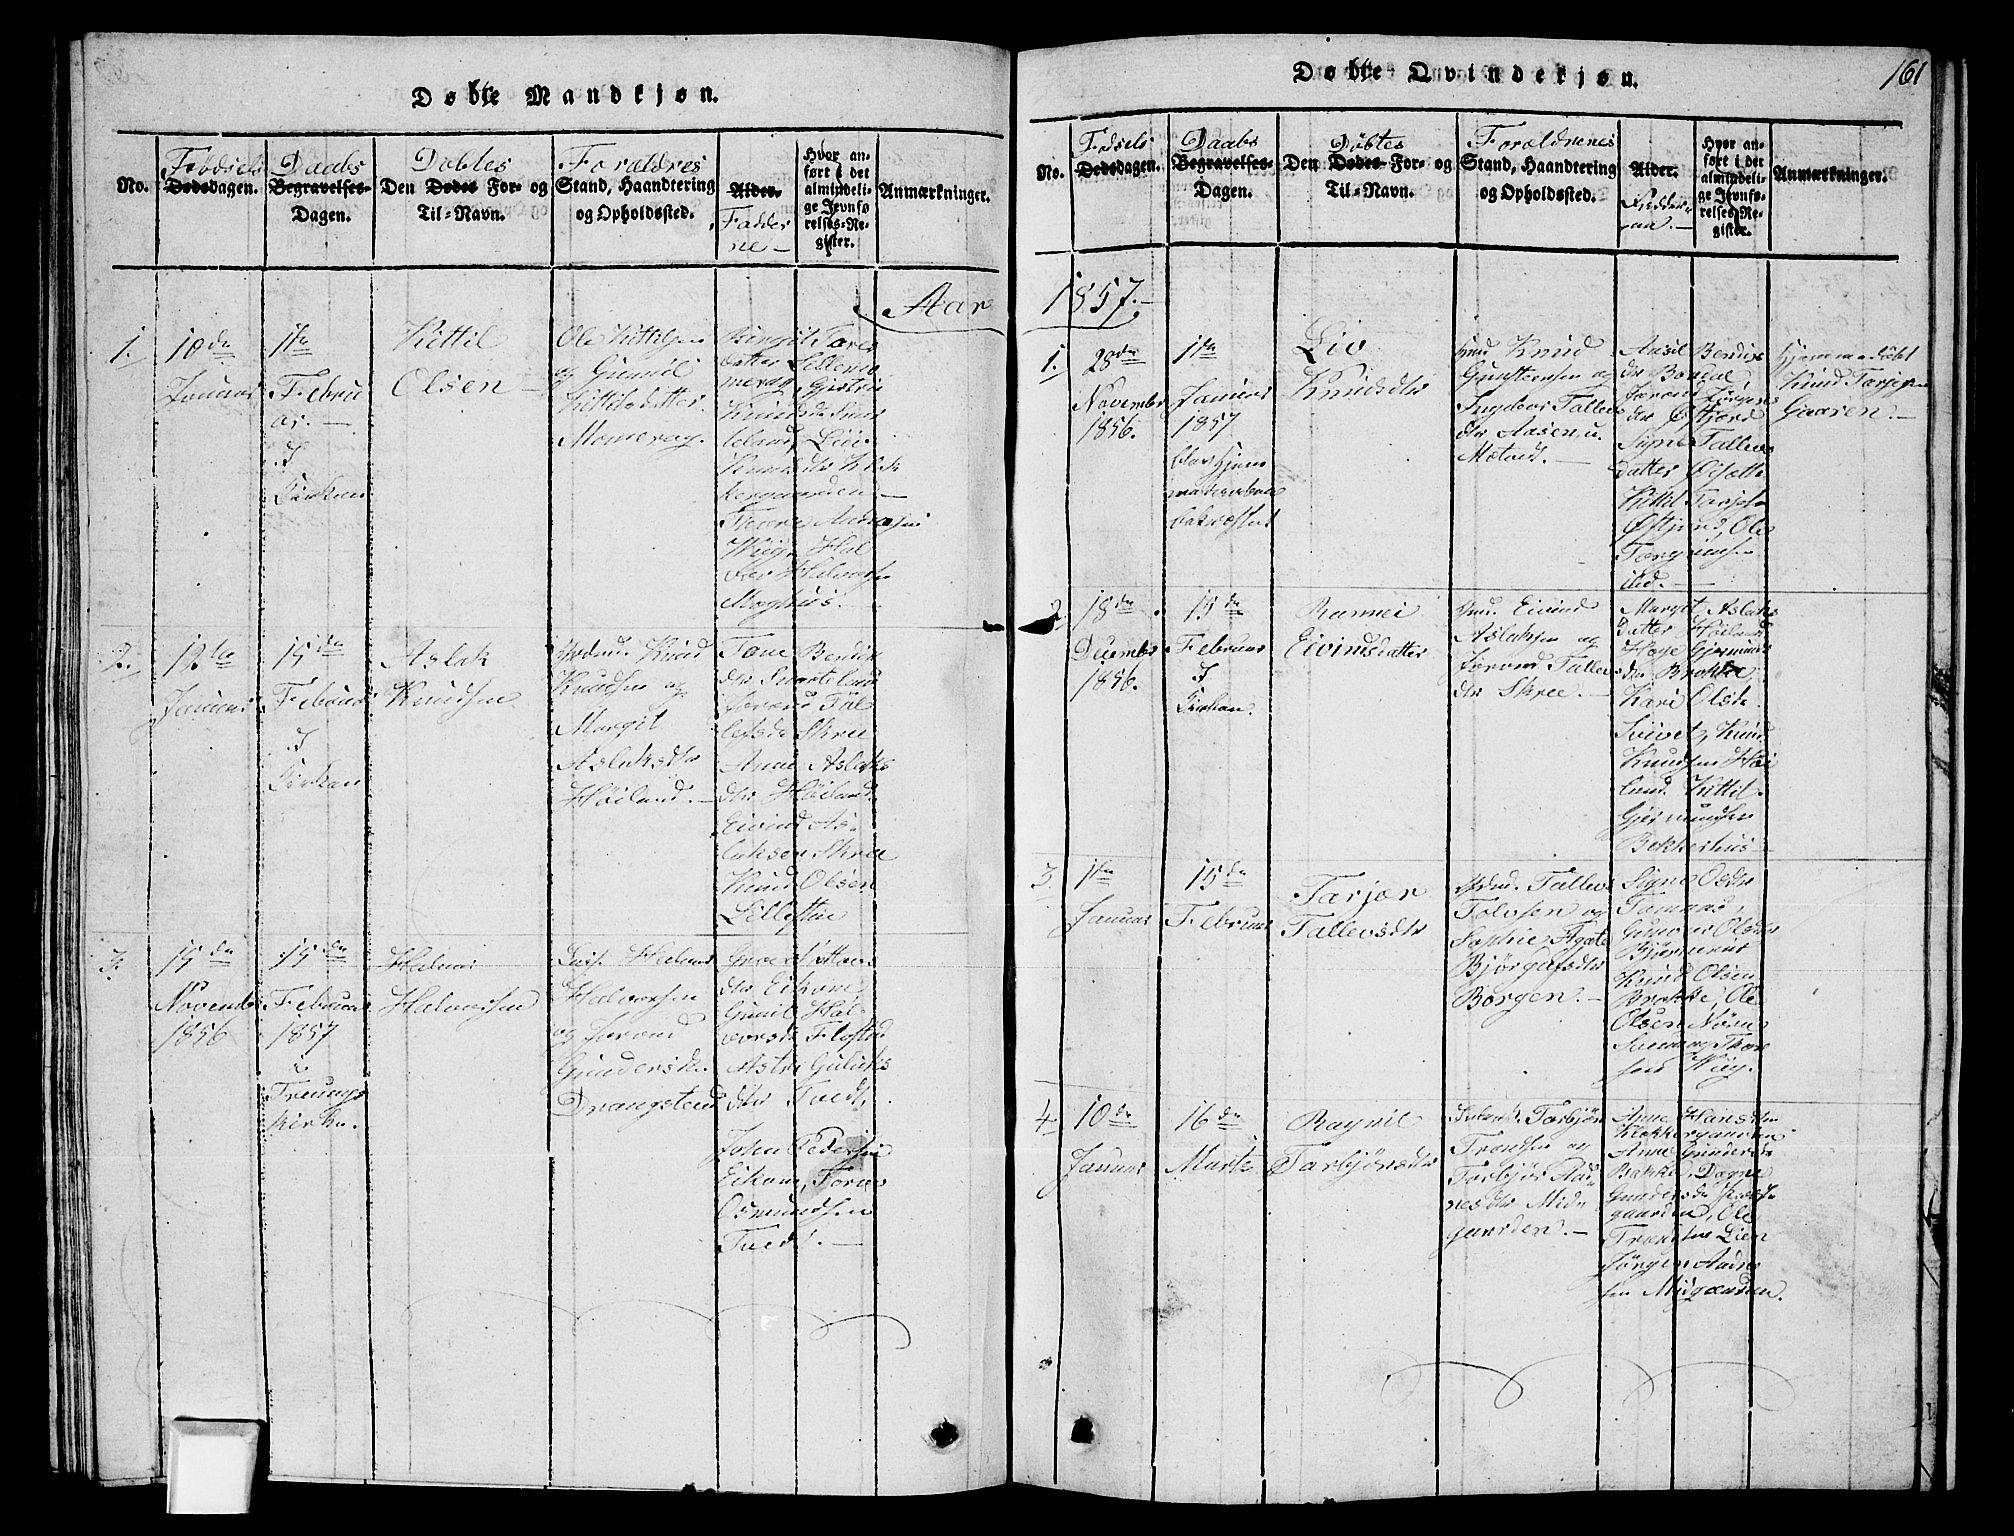 SAKO, Fyresdal kirkebøker, G/Ga/L0002: Klokkerbok nr. I 2, 1815-1857, s. 161